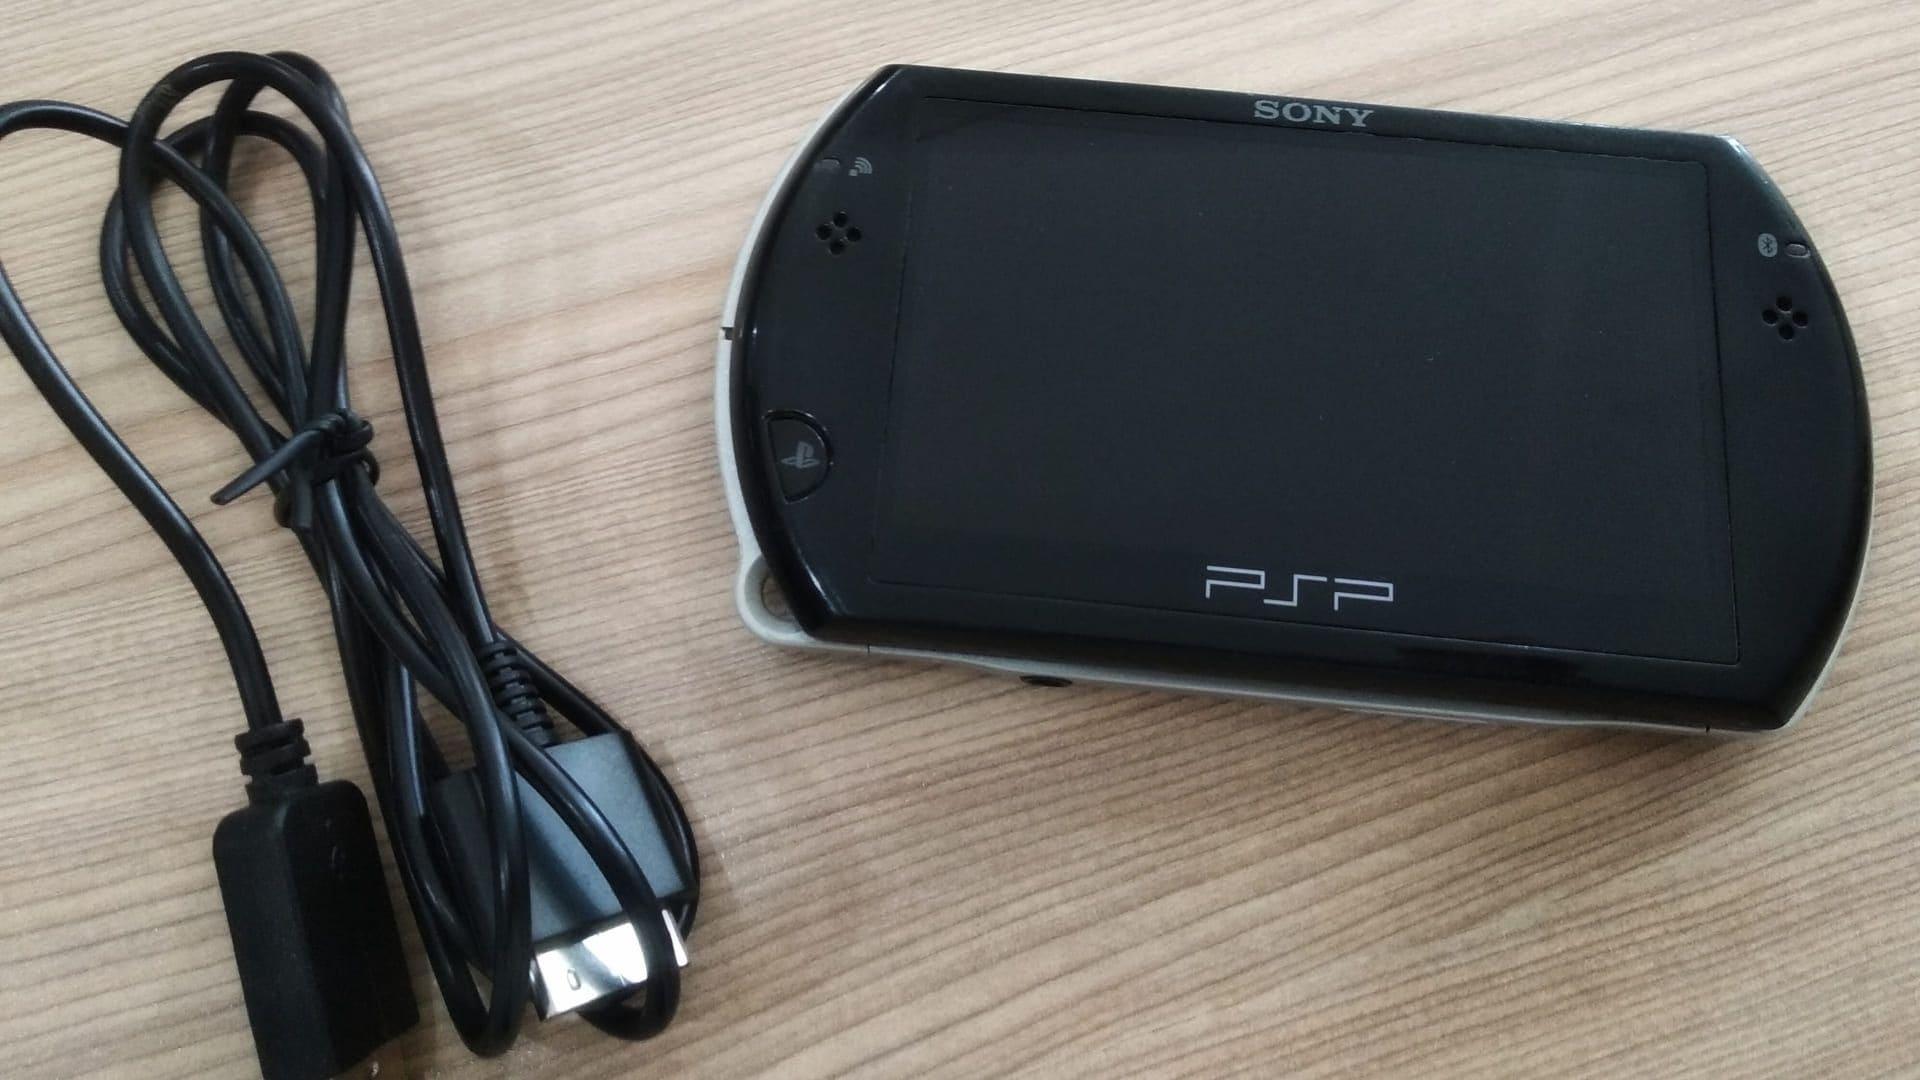 PSP preto e cabo em mesa de madeira